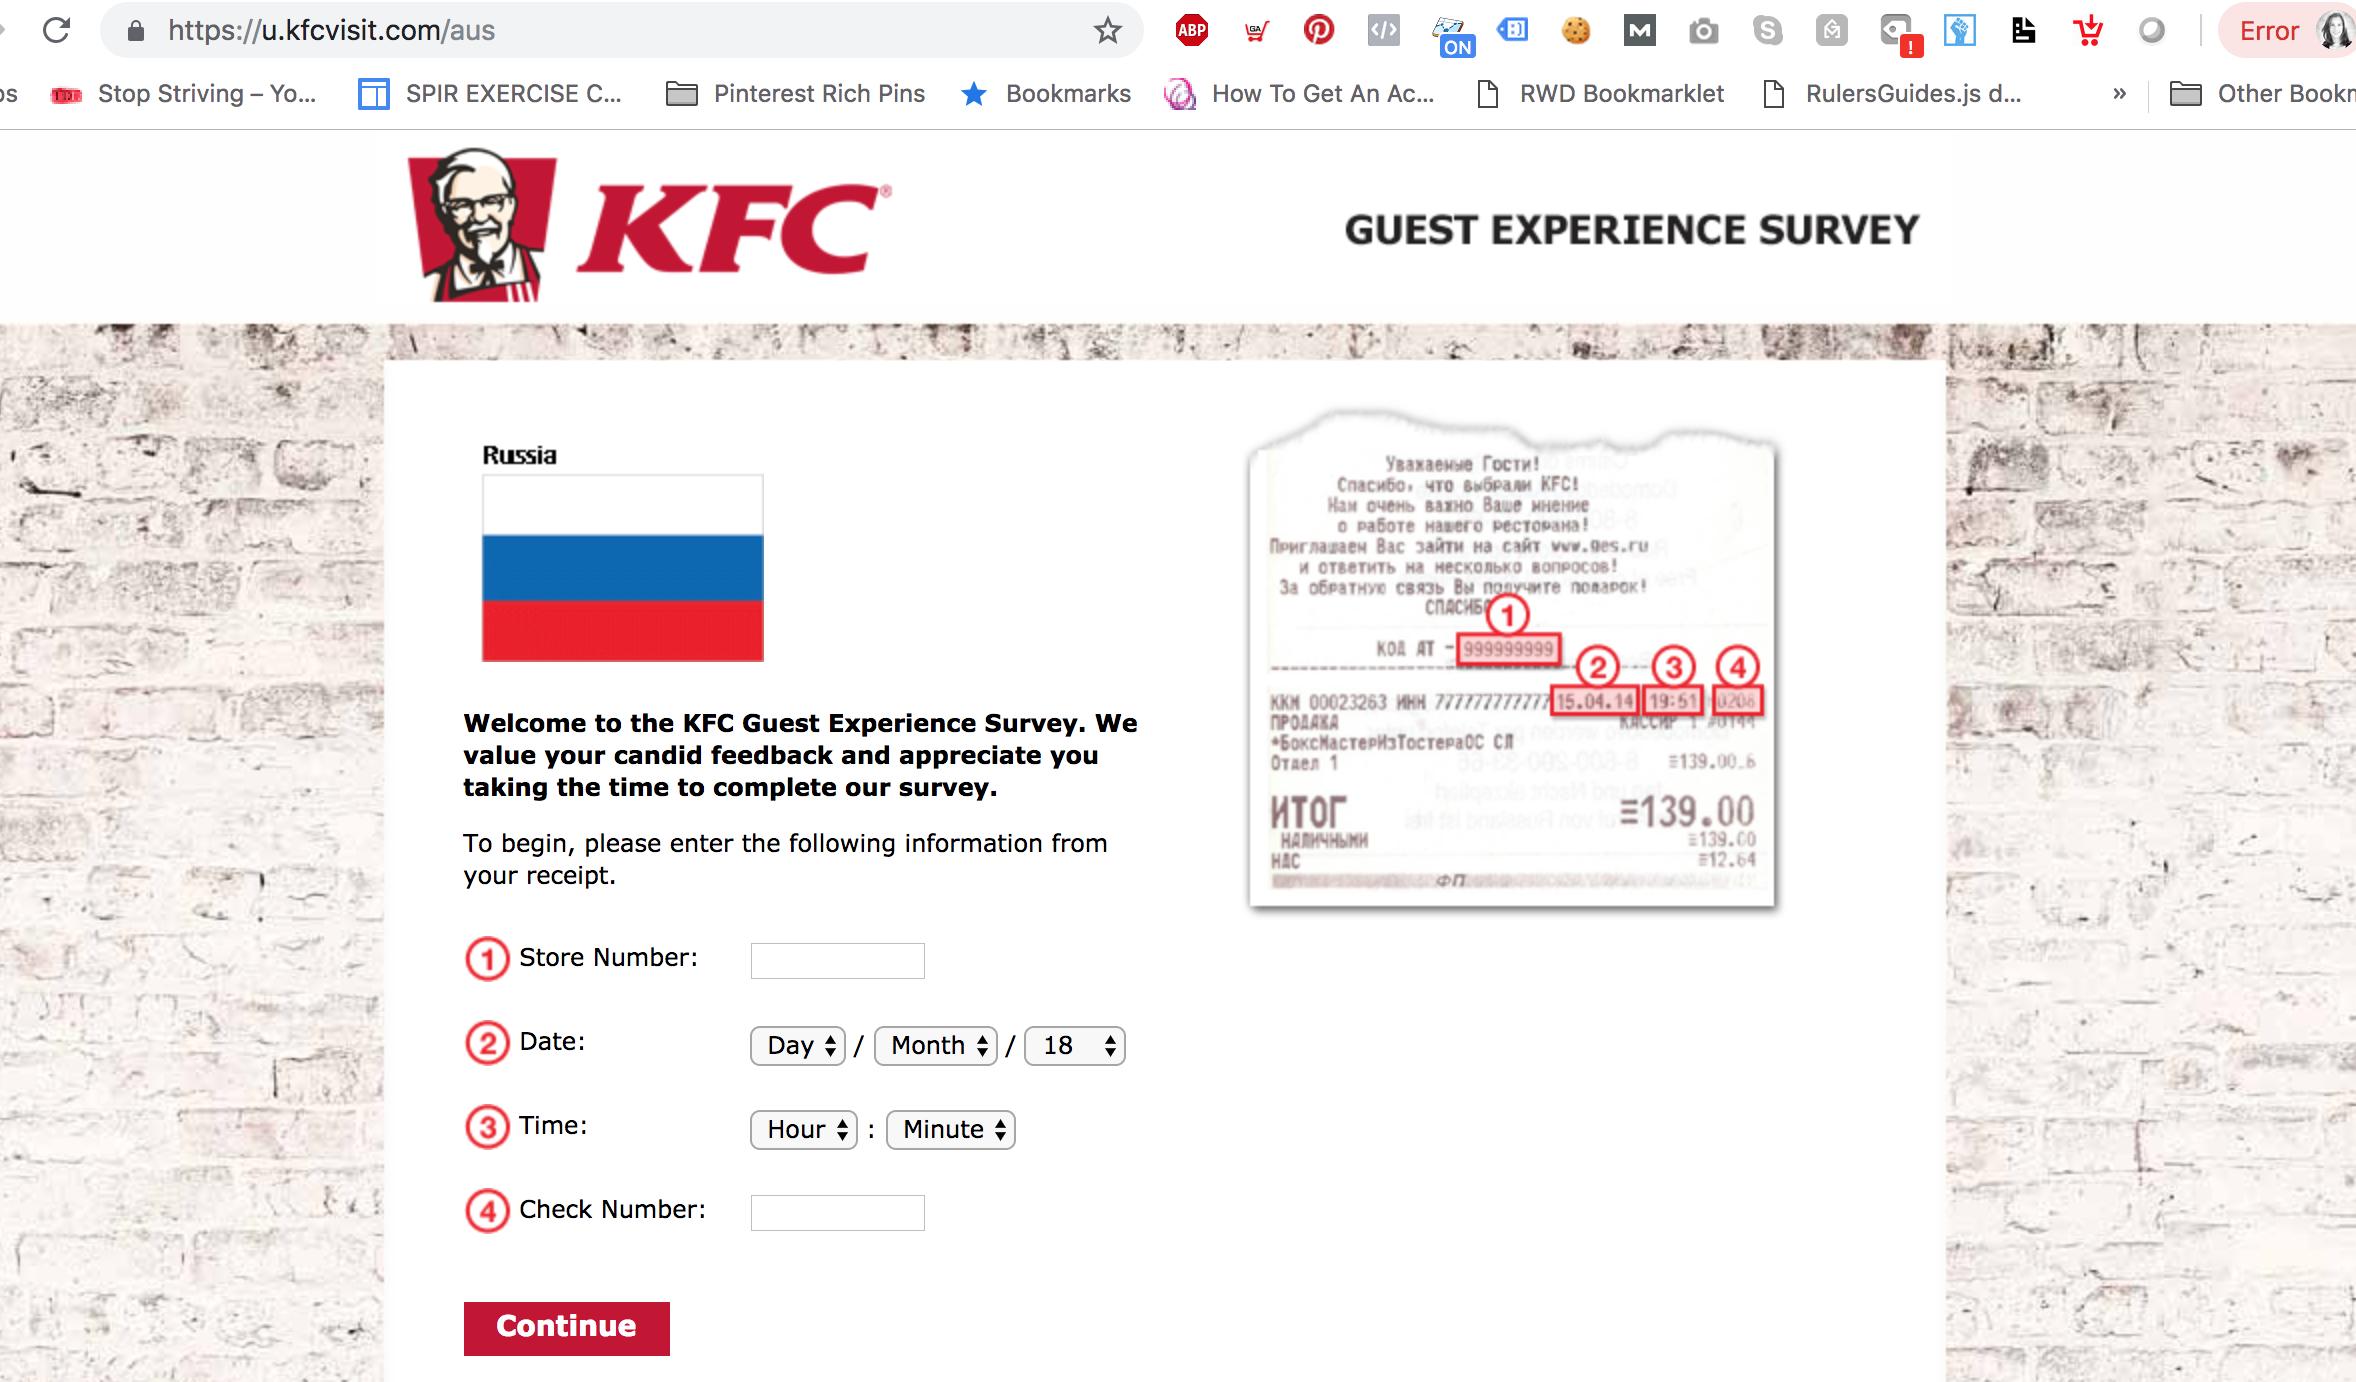 www.kfcfeedback.com au